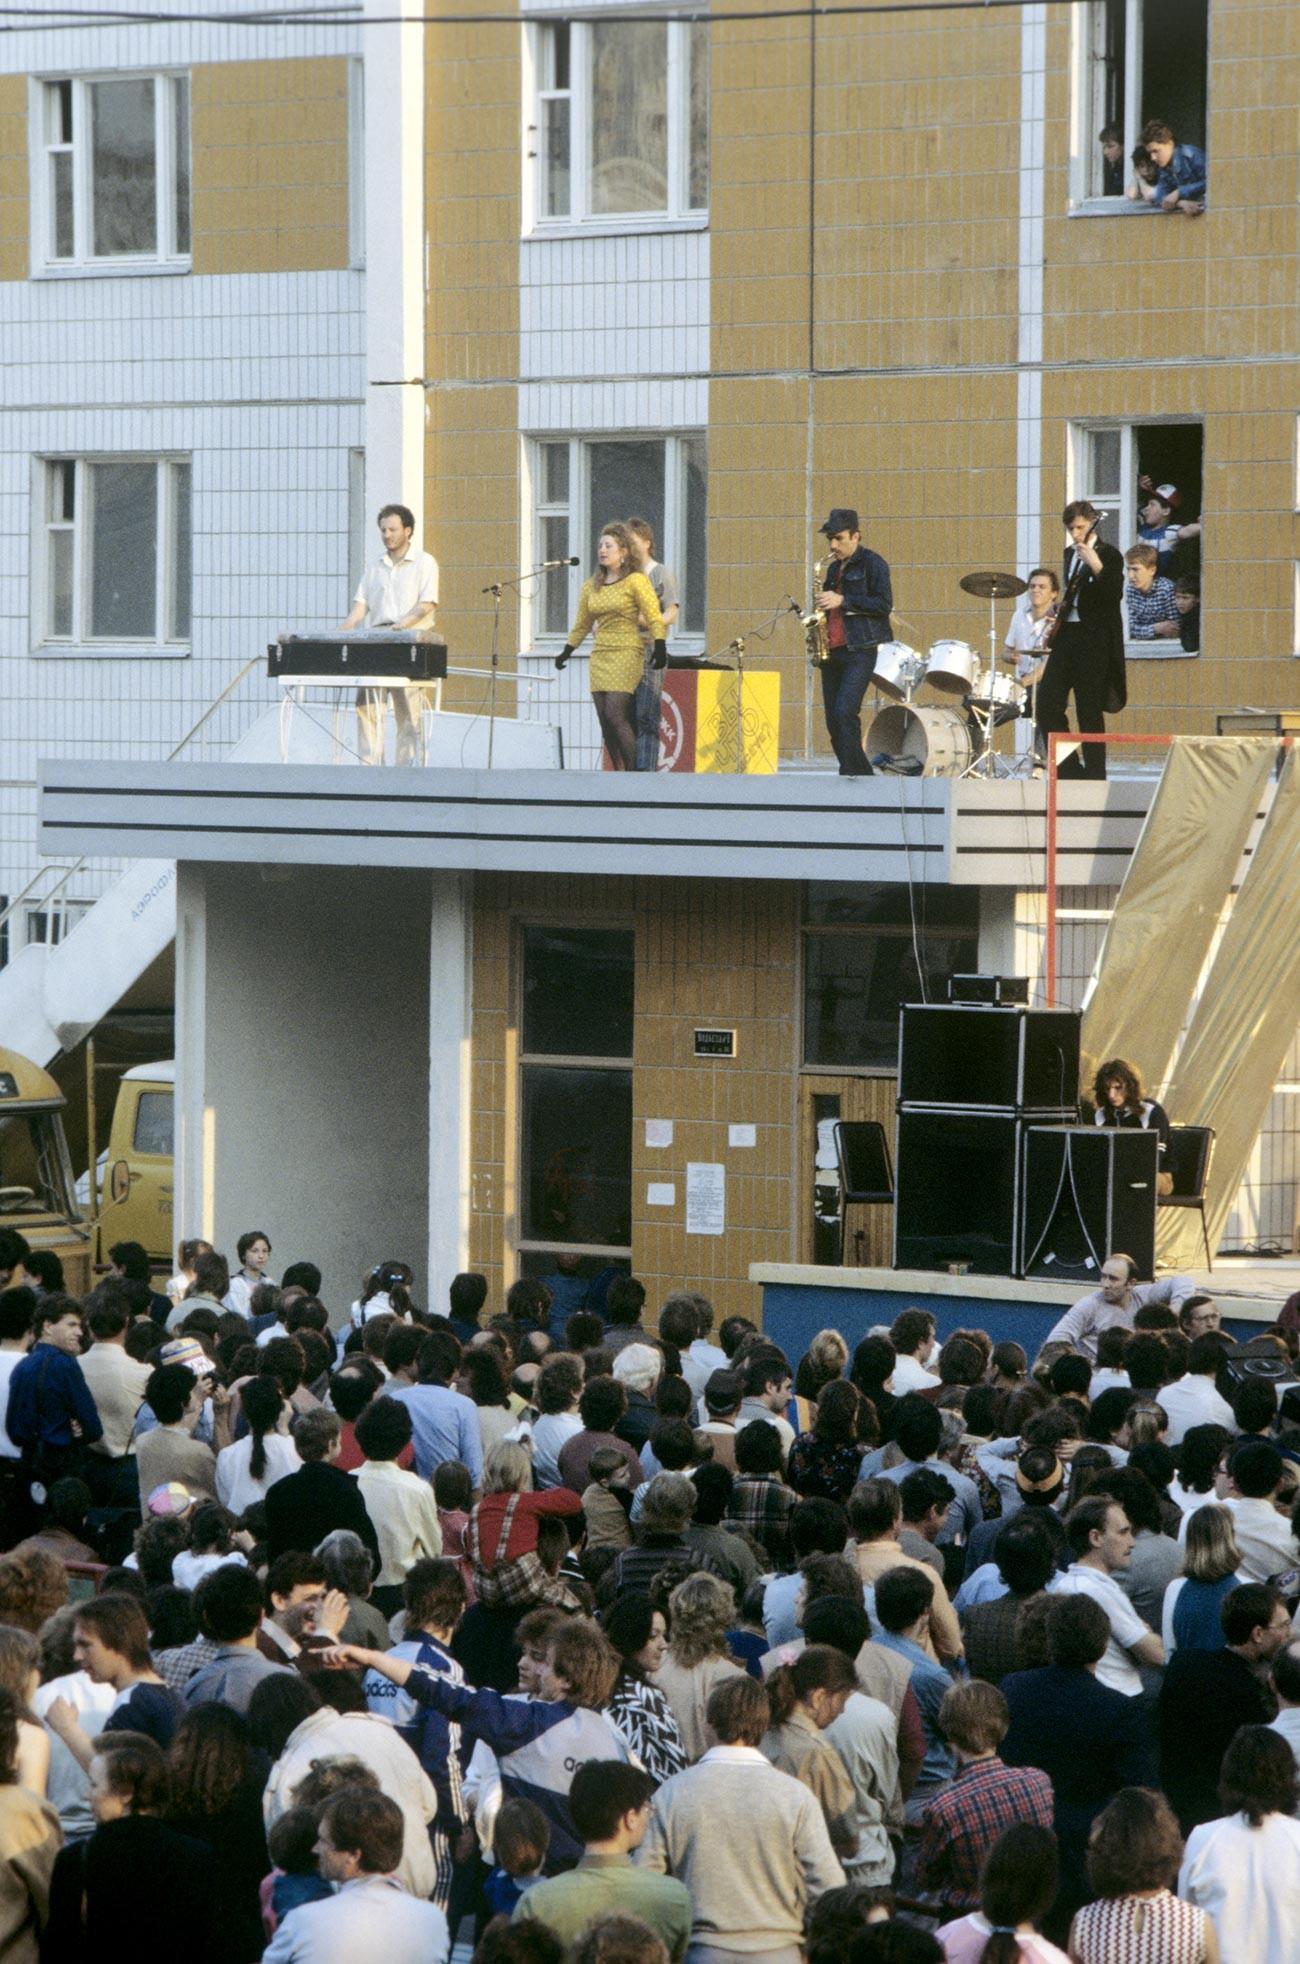 Pesta pindah rumah di kompleks perumahan Atom untuk anak muda di Moskow.